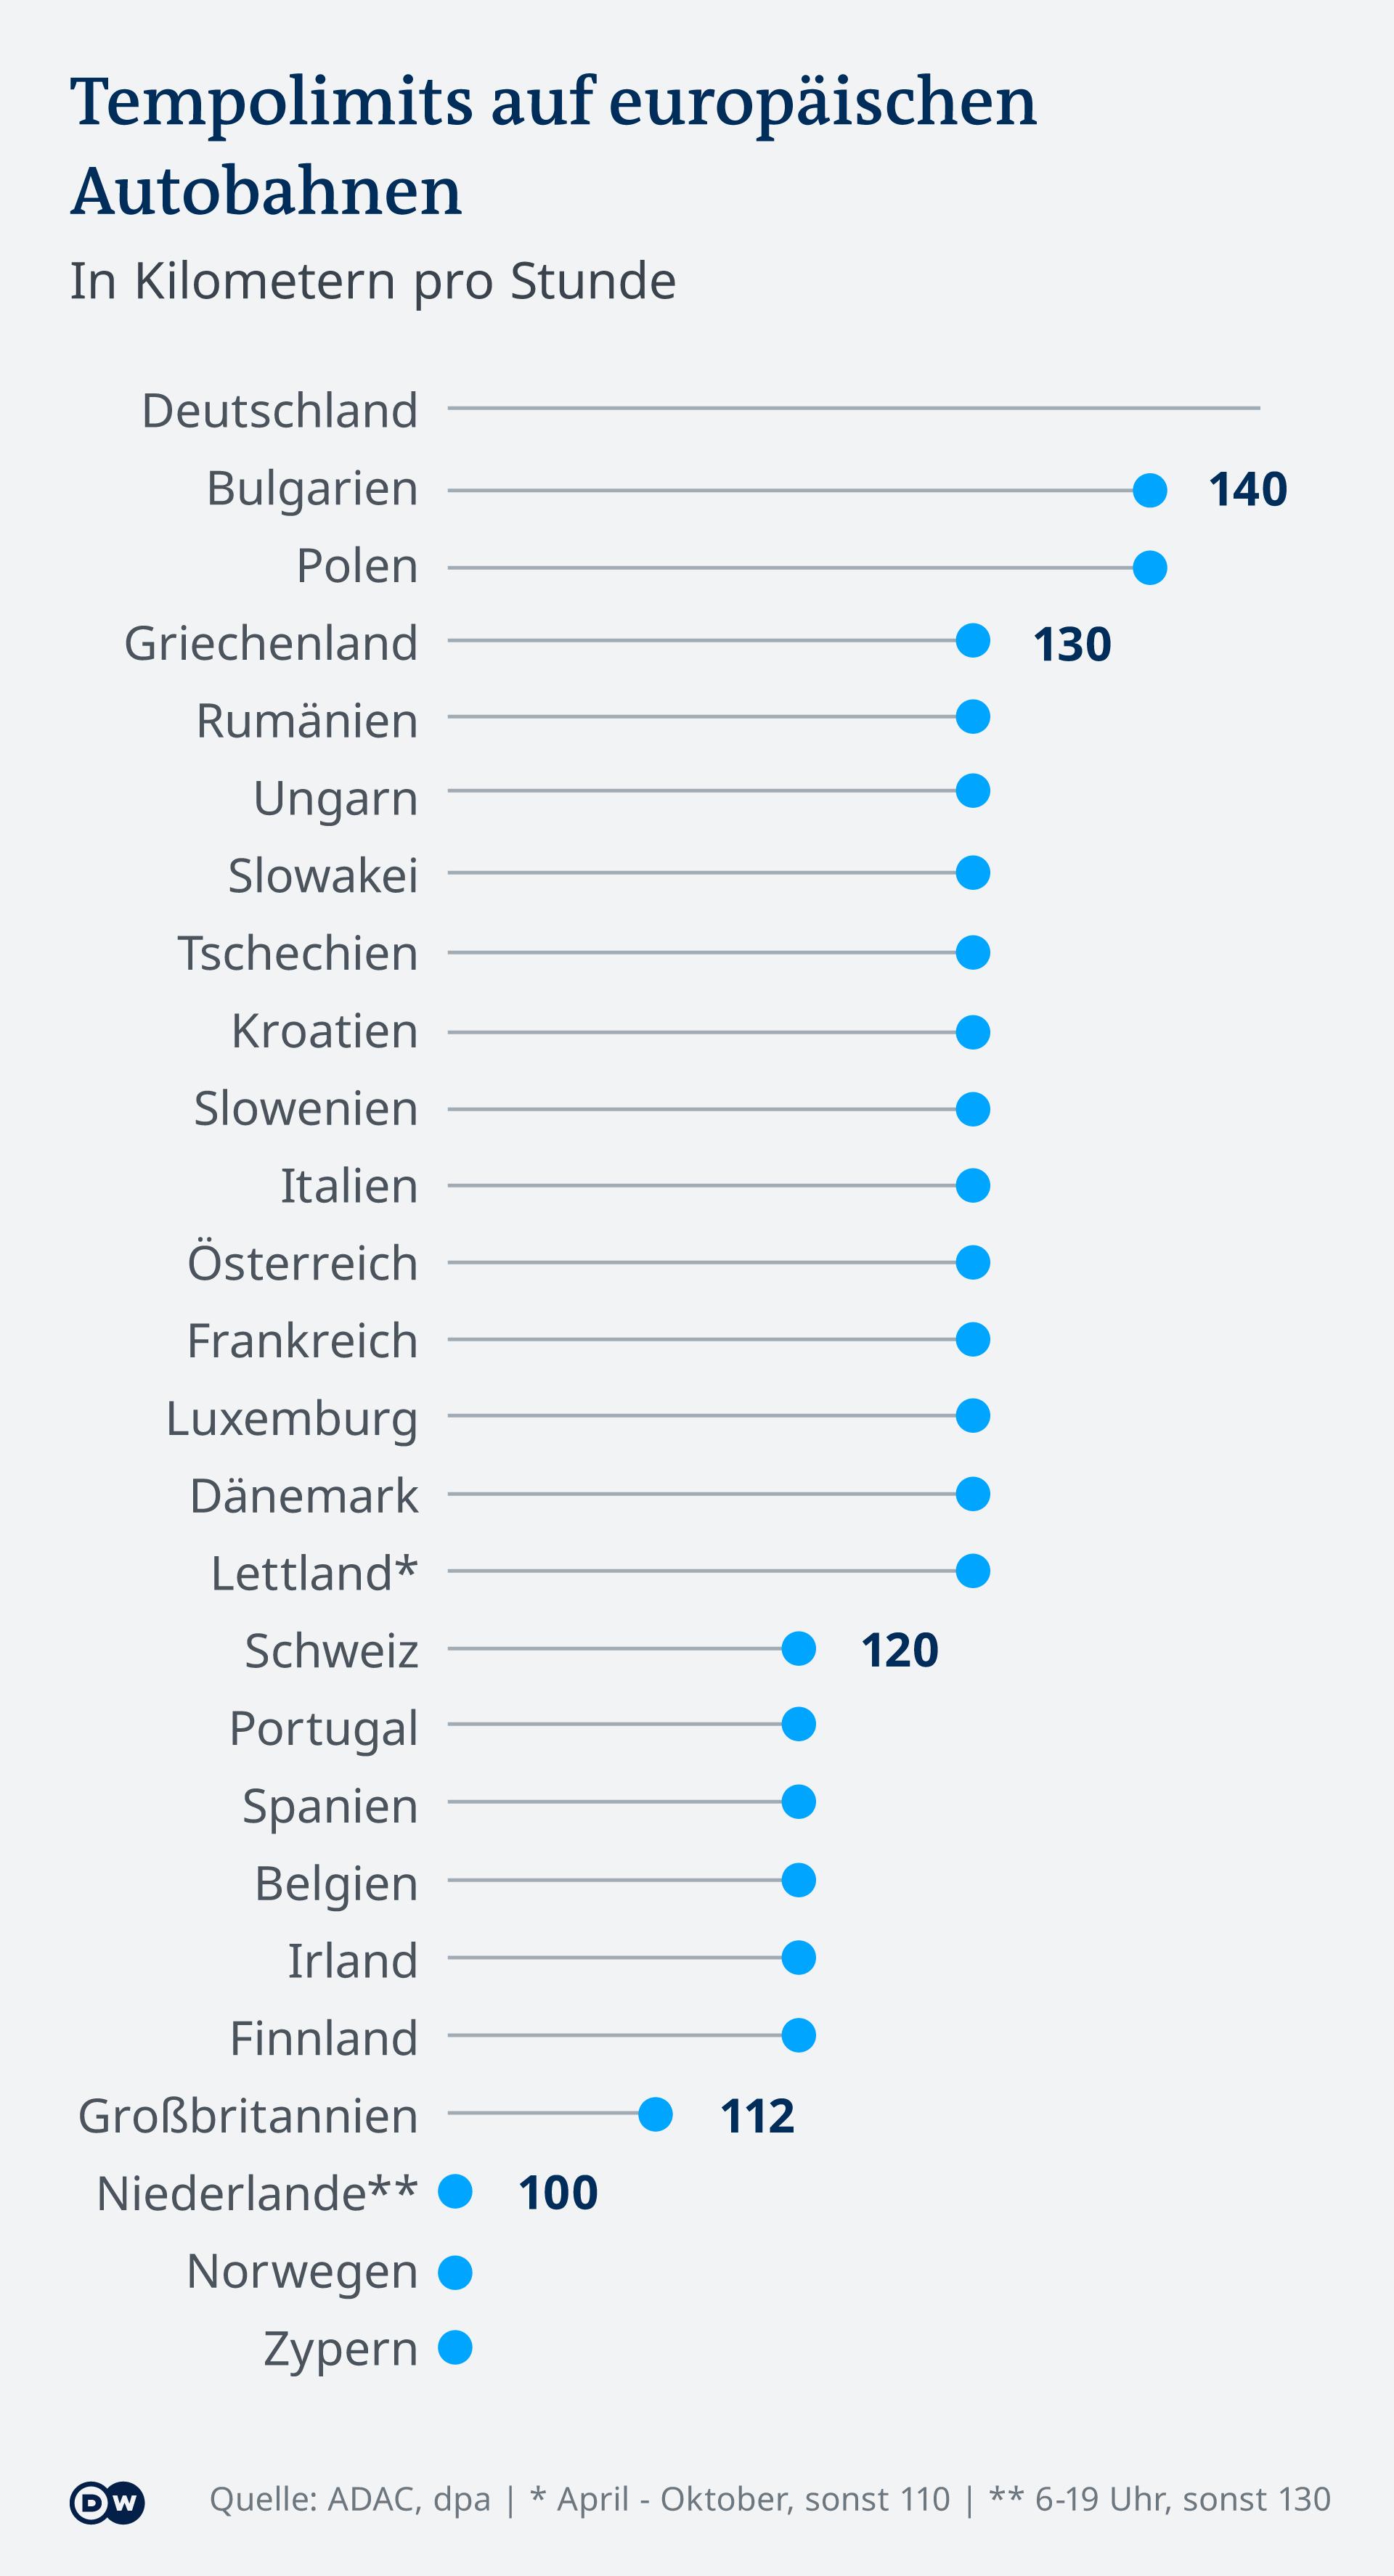 Ograničenja brzine u europskim zemljama